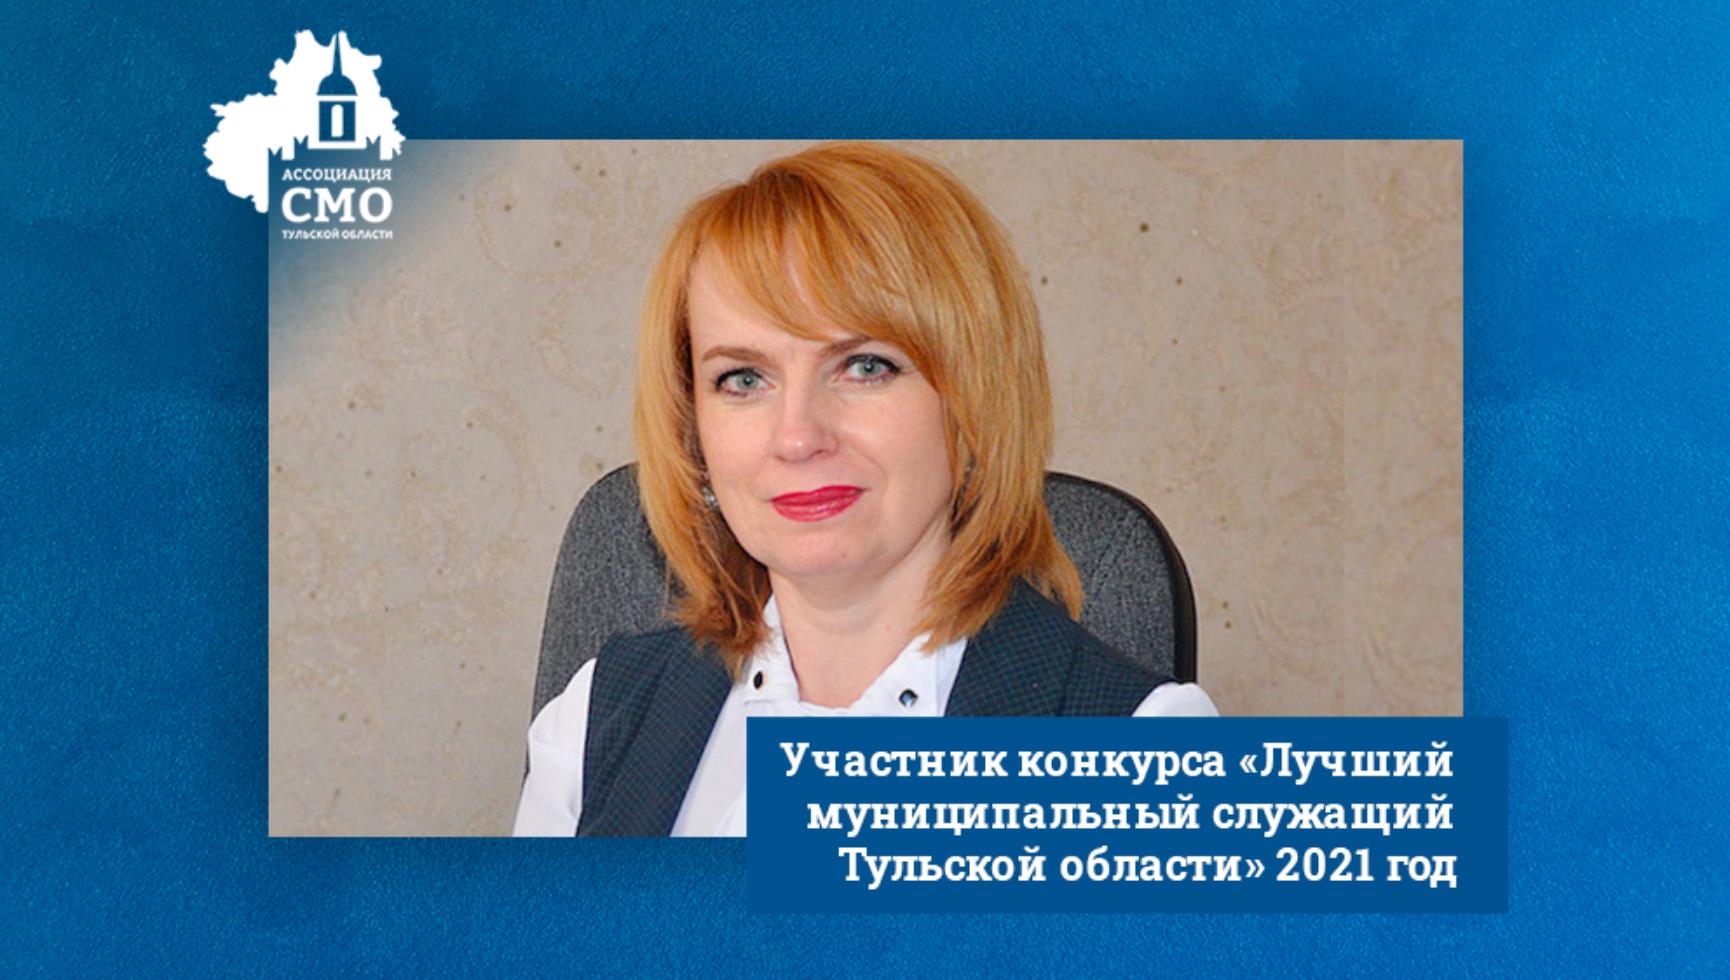 «Мы развиваем социальную жизнь»: начальник профильного управления администрации Ефремова рассказала о своей работе